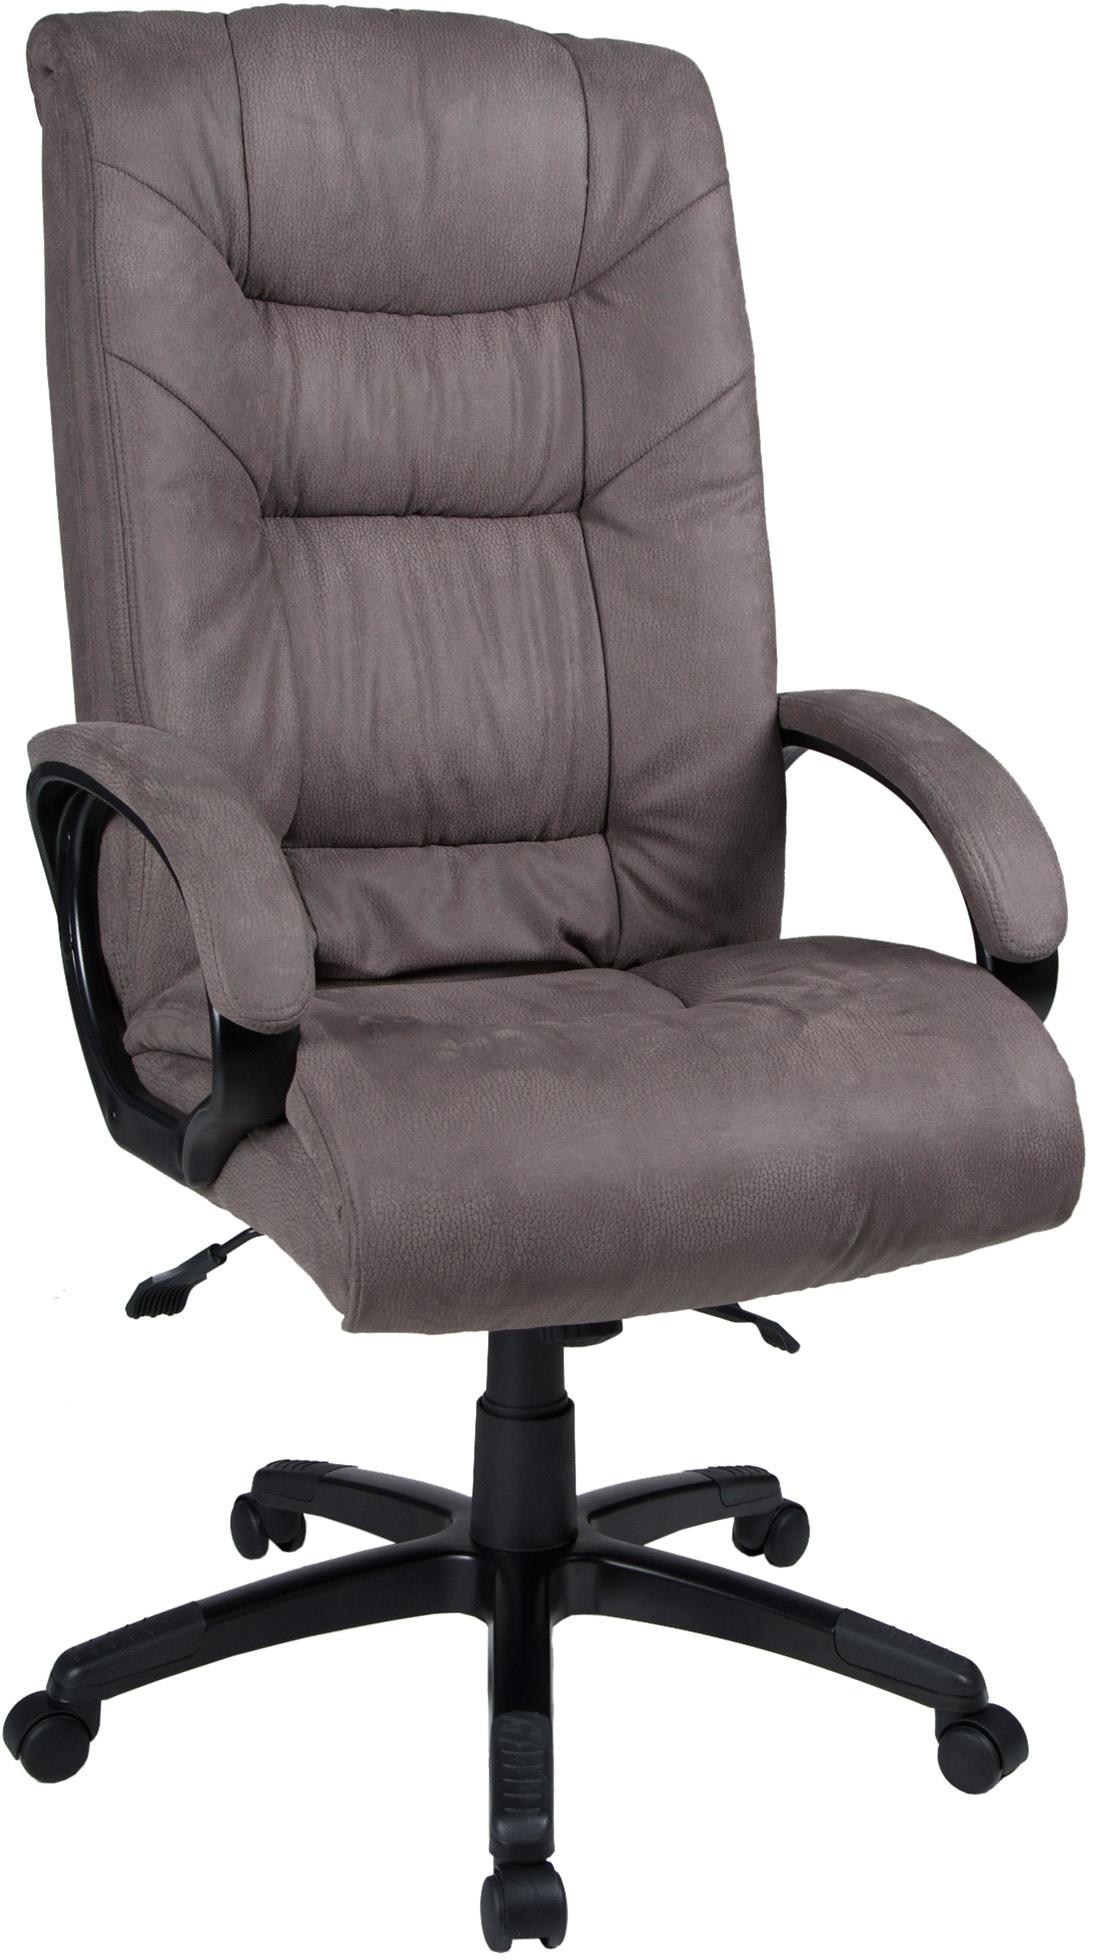 Goedkope Witte Bureaustoel.Goedkope Bureaustoel Vanaf 44 99 In Verschillende Varianten Otto